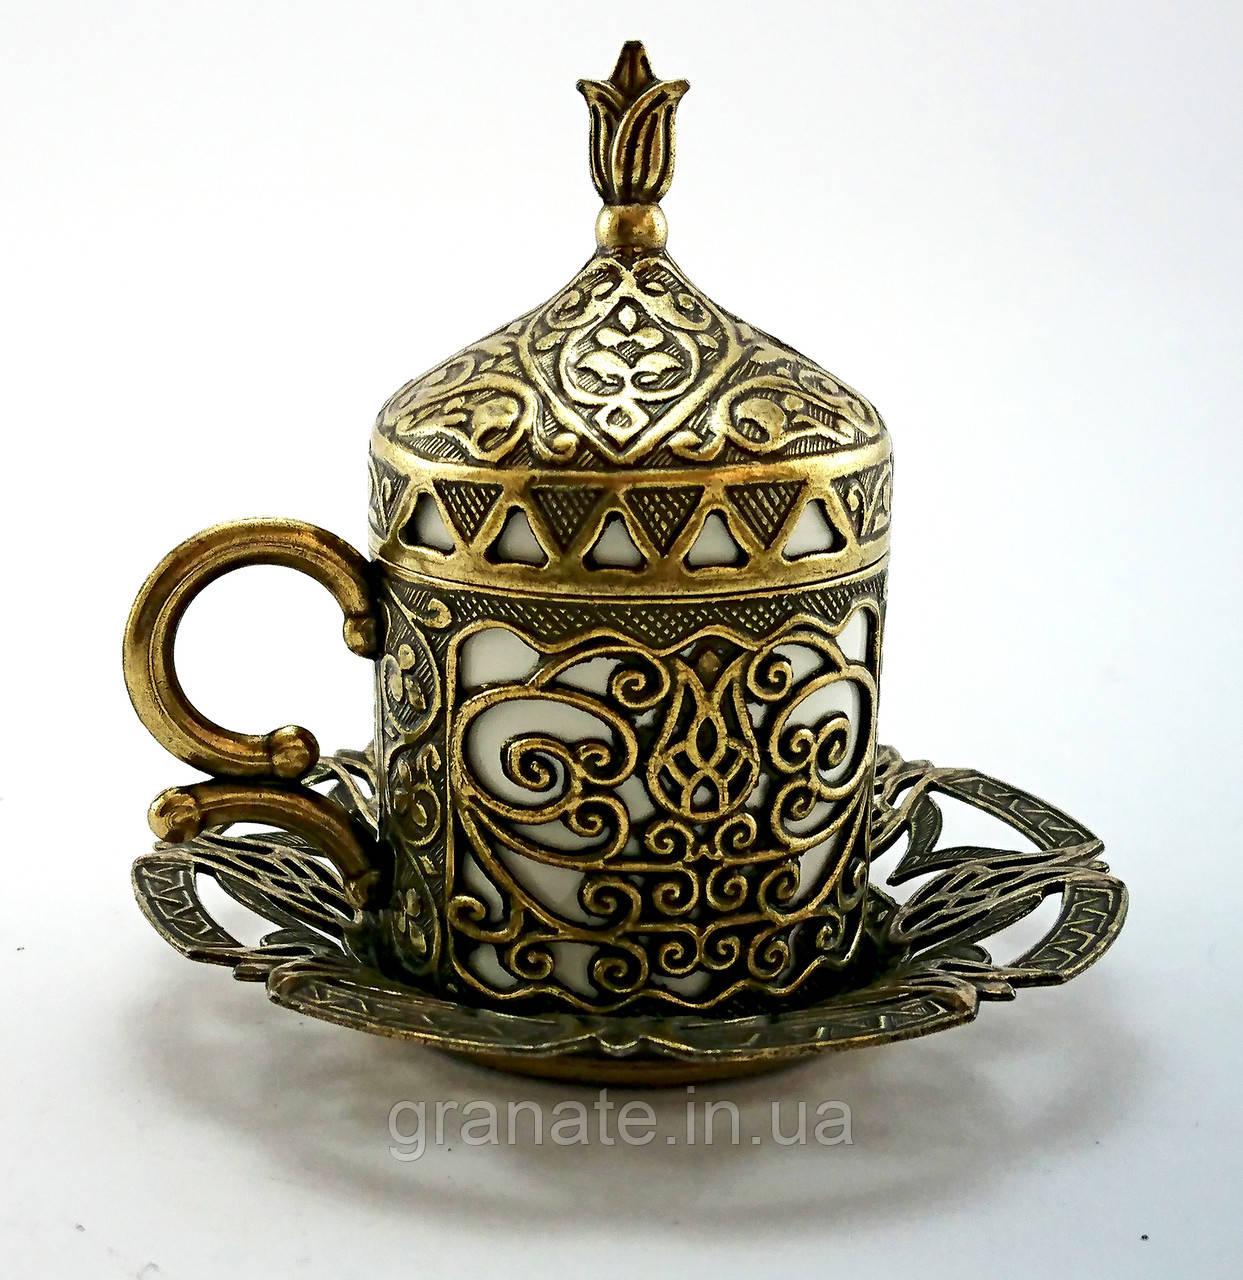 Турецкая чашка Демитассе для кофе 60 мл, цвет: бронза